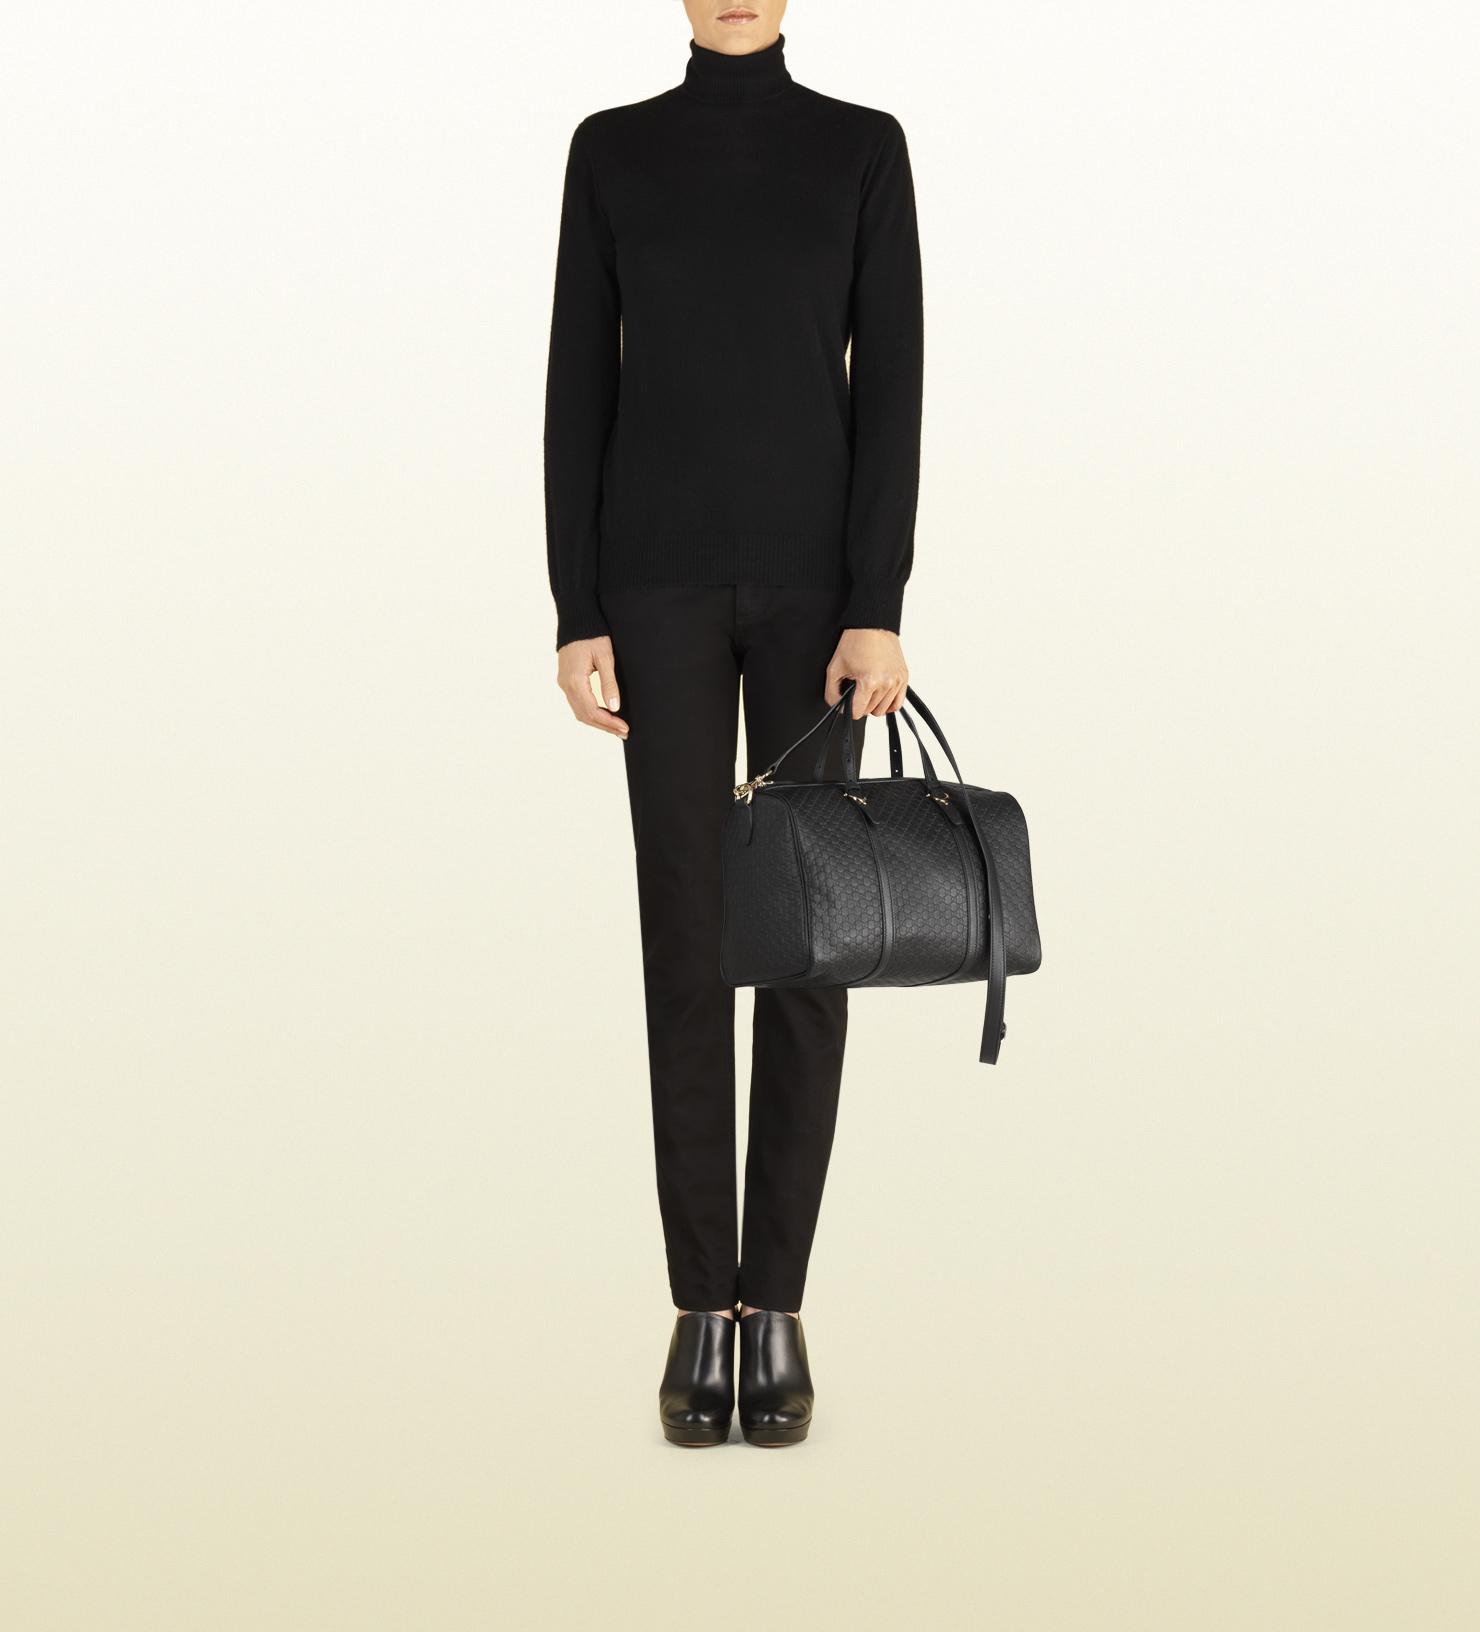 71e9b417674 Gucci Nice Microguccissima-Leather Boston Bag in Black - Lyst